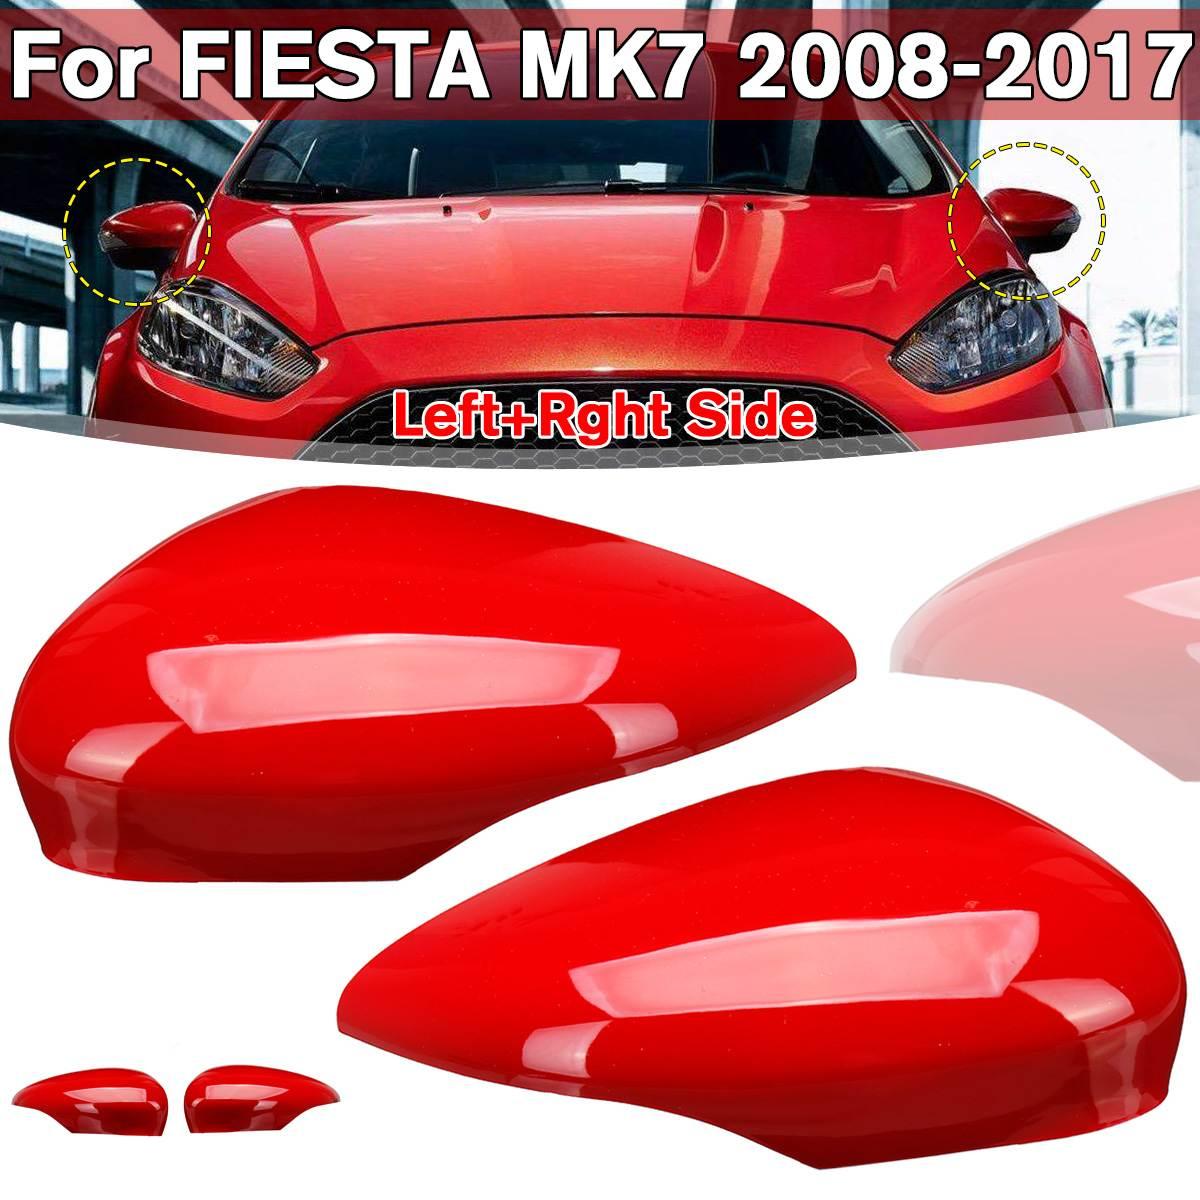 Espelho retrovisor do carro vermelho capa para fiesta mk7 2008-2017 esquerda/direita gloss asa porta exterior lateral espelho retrovisor capa